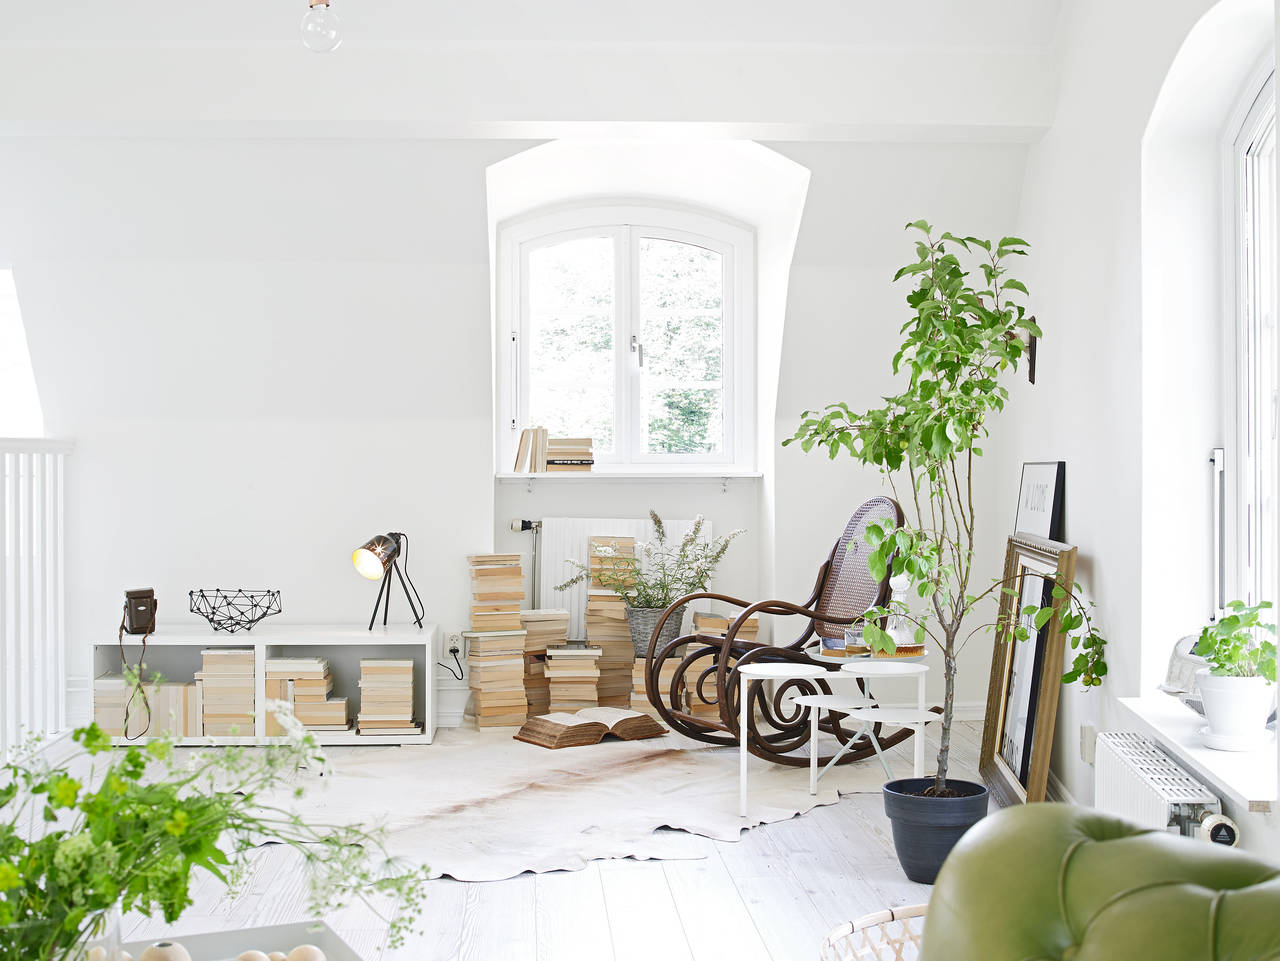 Apartment for sale at Stadshem – Husligheter.se